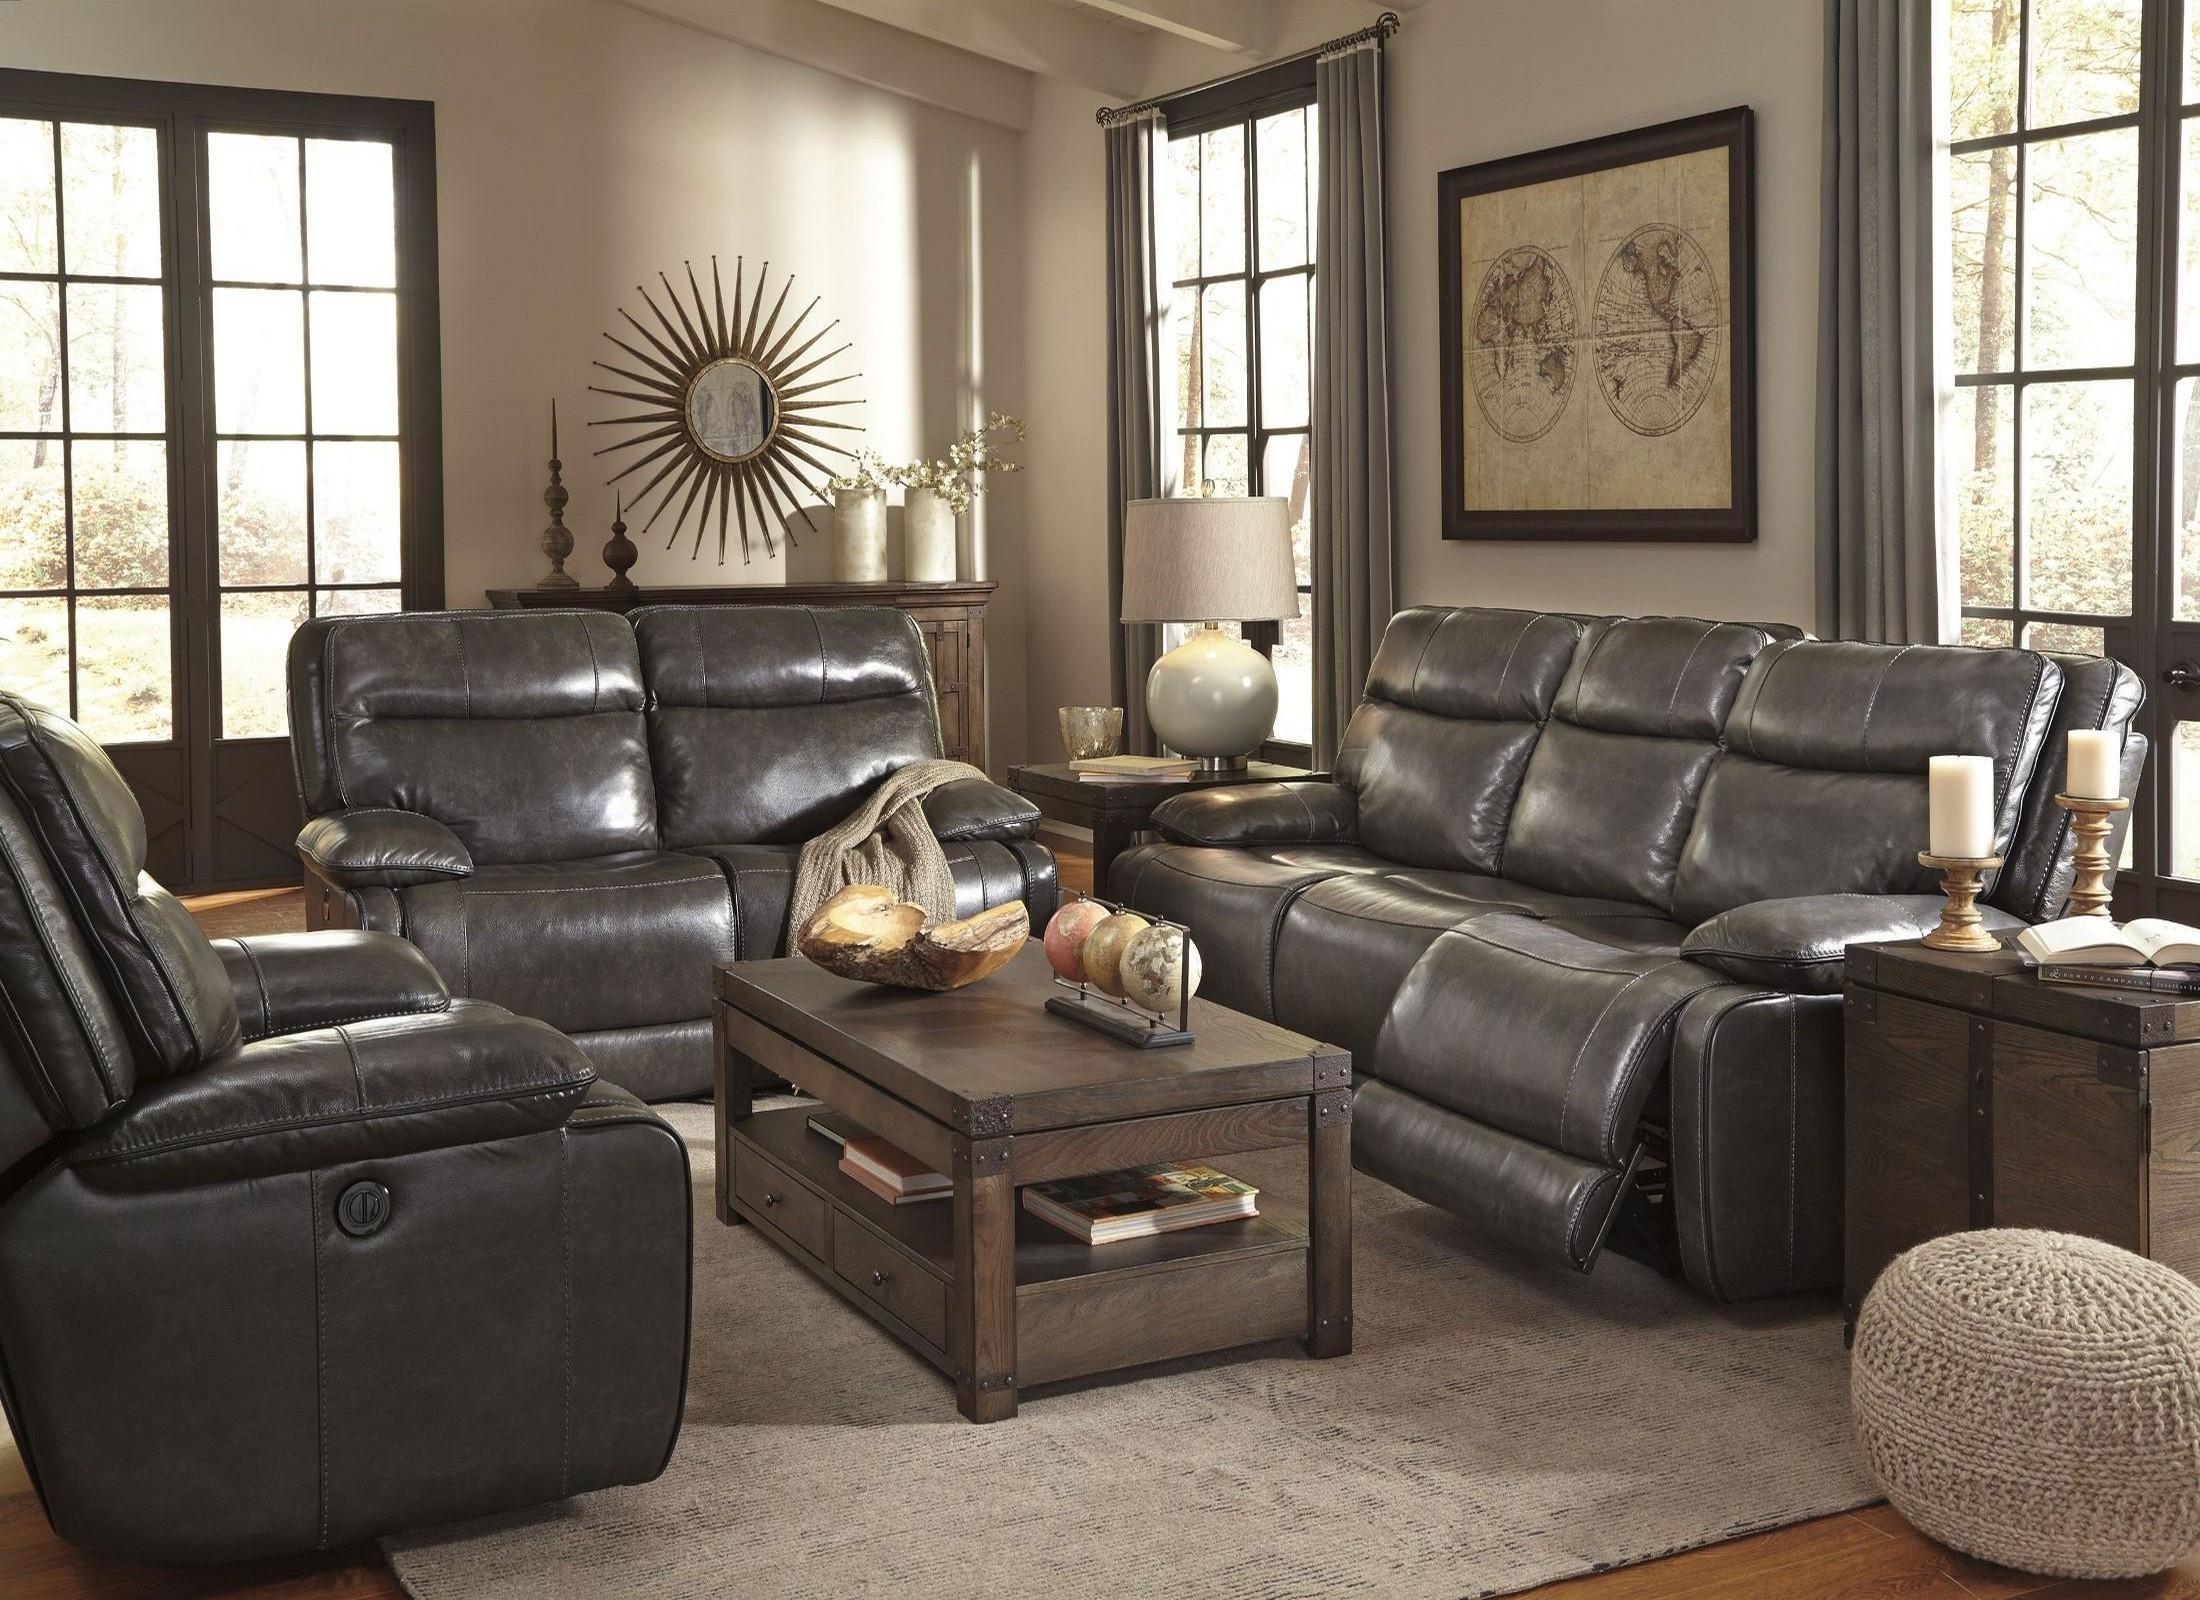 living room recliner. Palladum Metal Power Reclining Living Room Set from Ashley